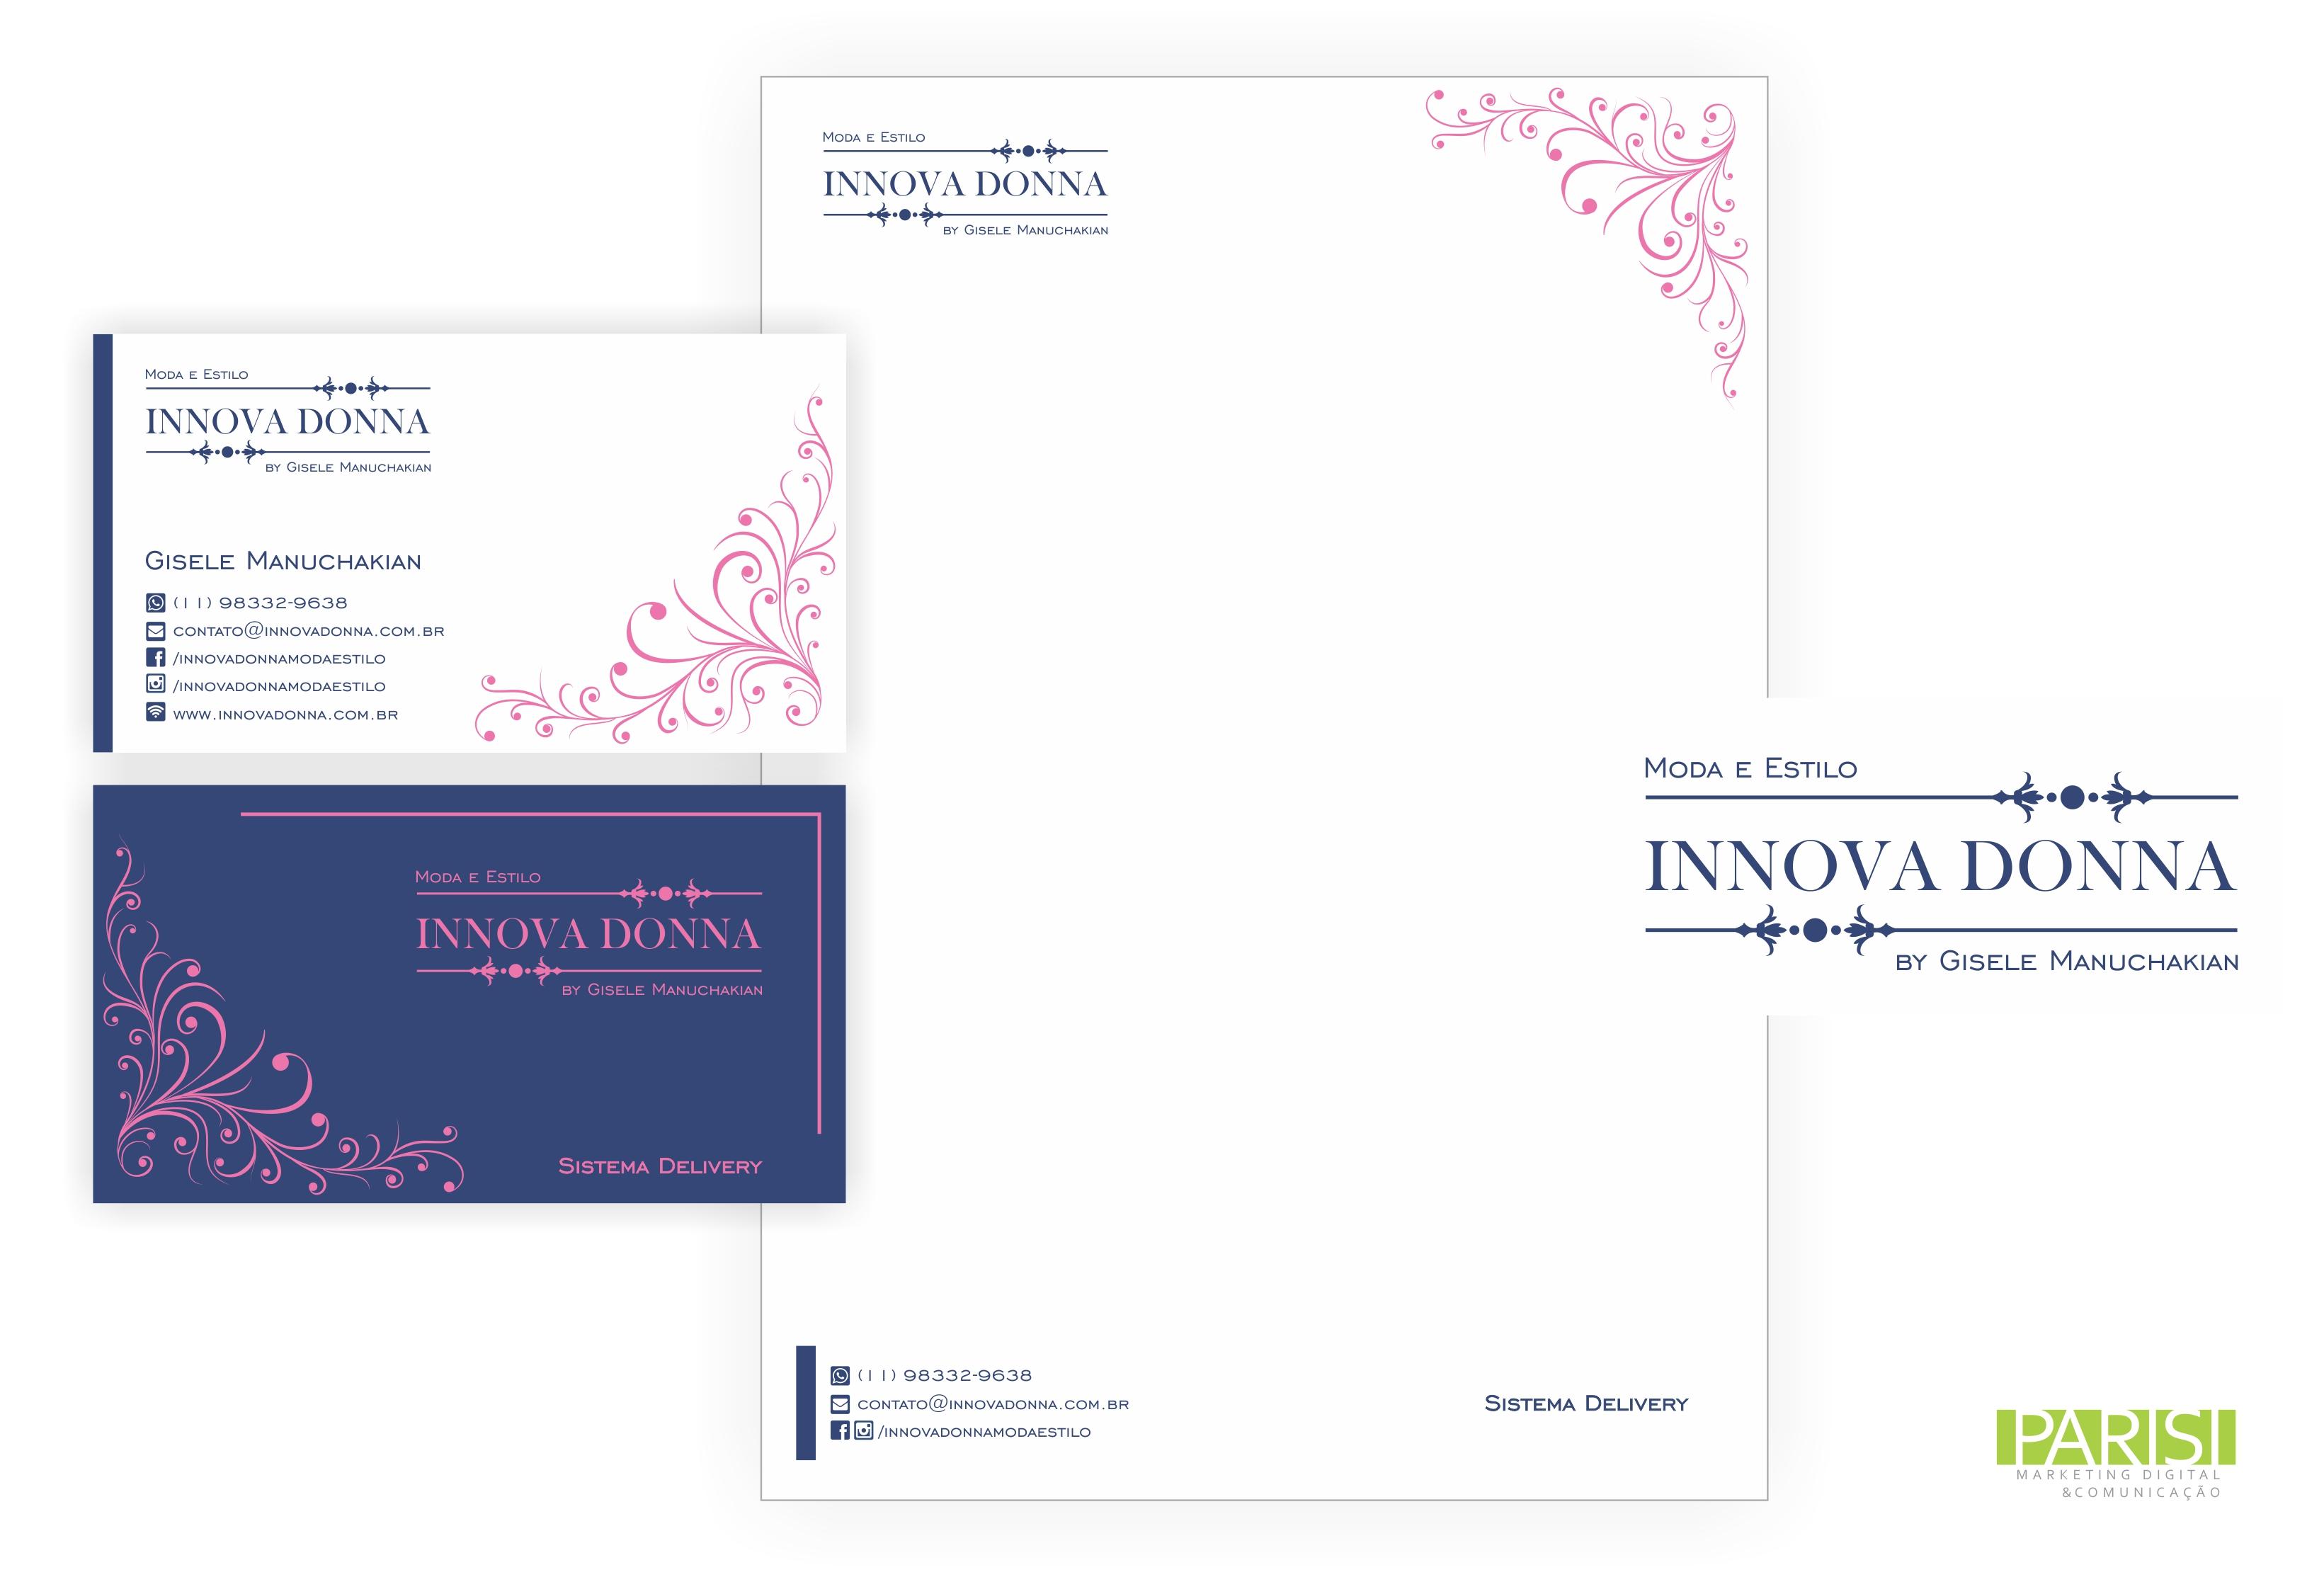 Identidade Visual - Innova Donna